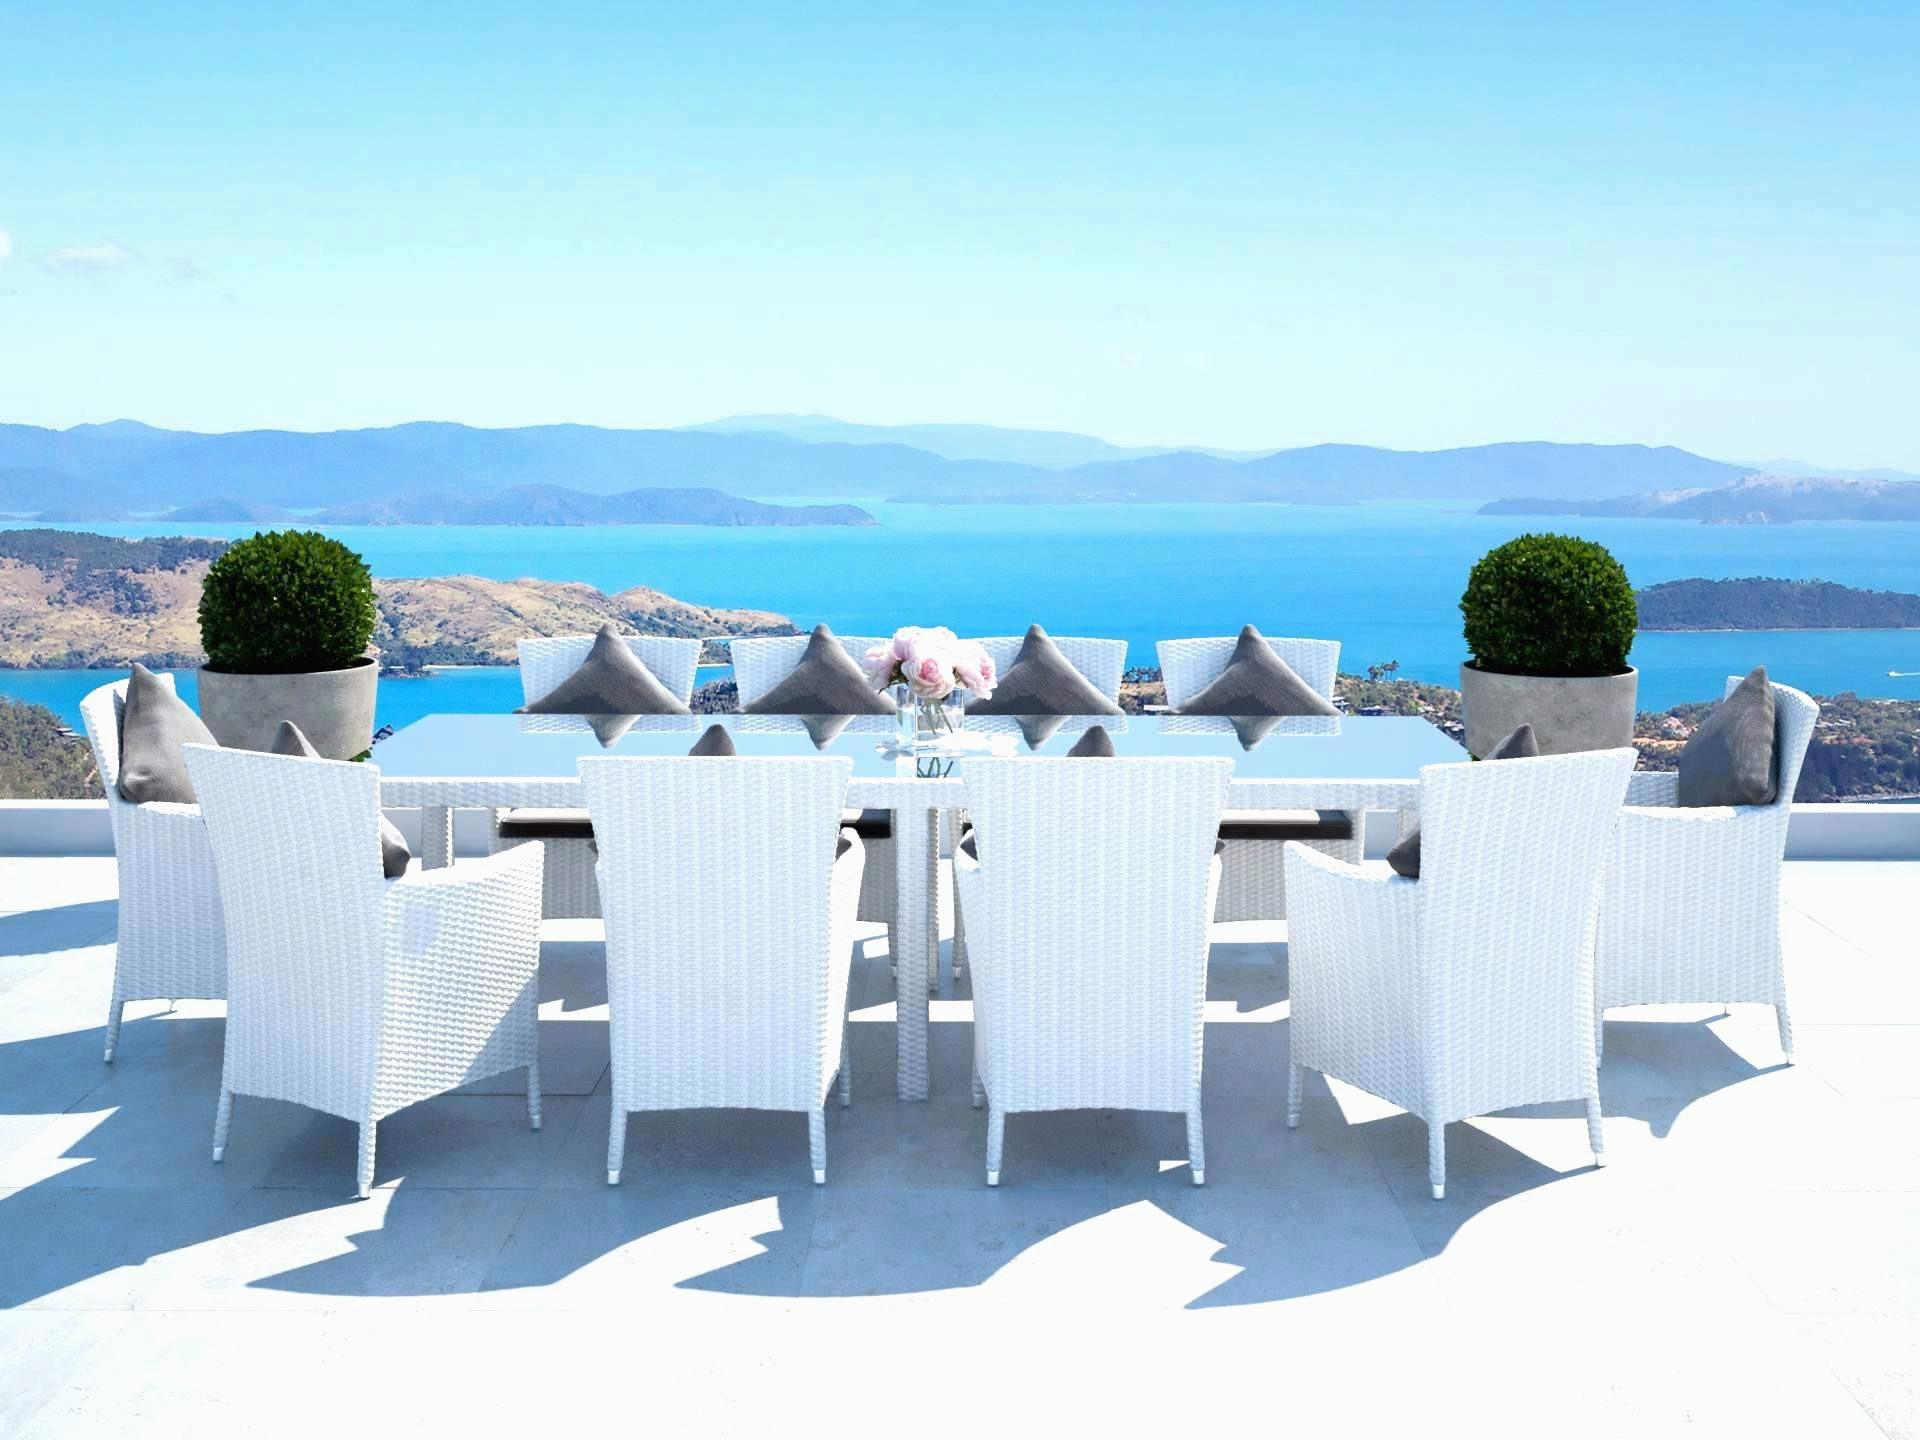 Alinea Fauteuil Jardin Meilleur De Collection Luxe Table De Jardin Extensible Aluminium Conception De Jardin